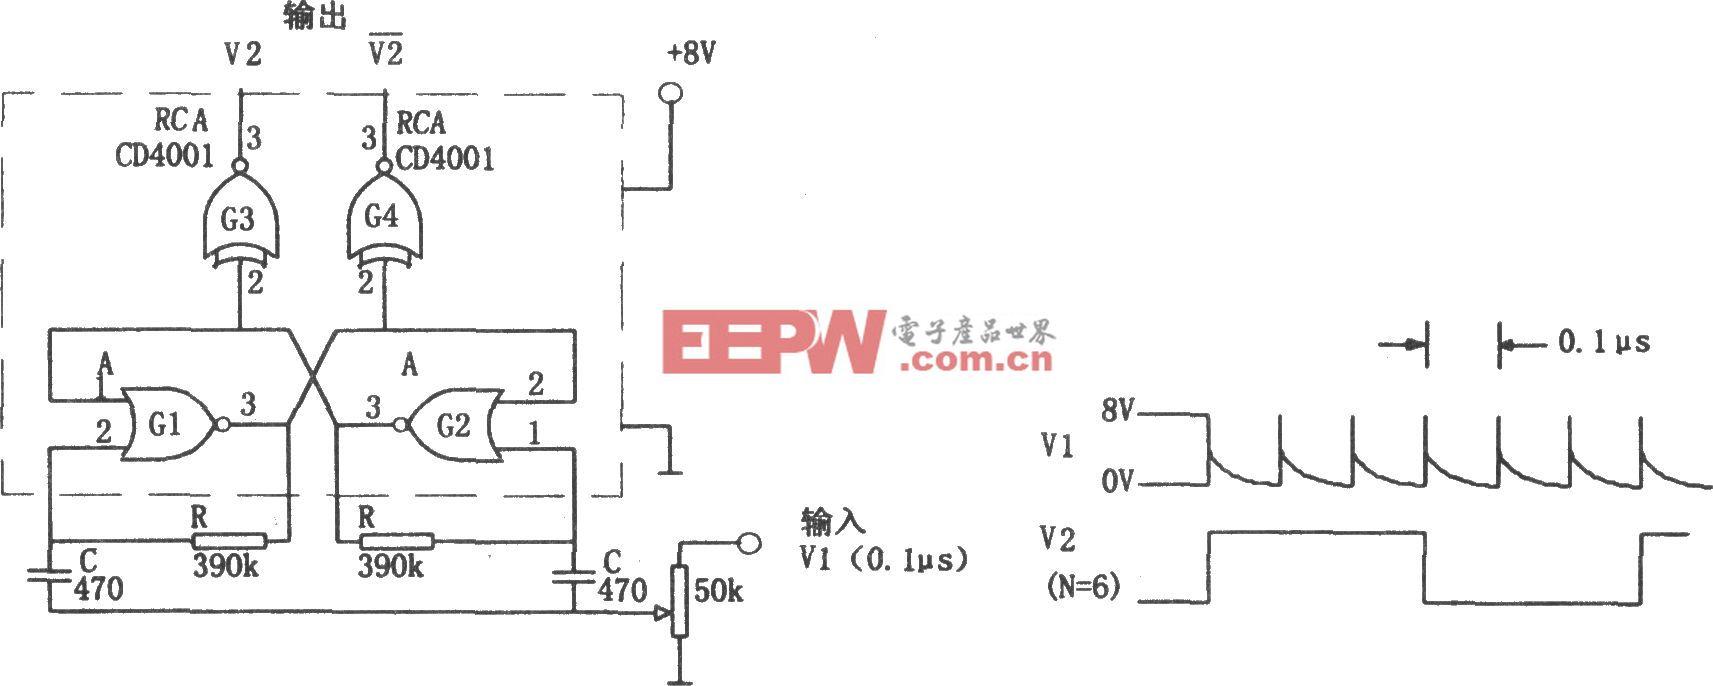 由CMOS门构成的可调分频器(CD4001)